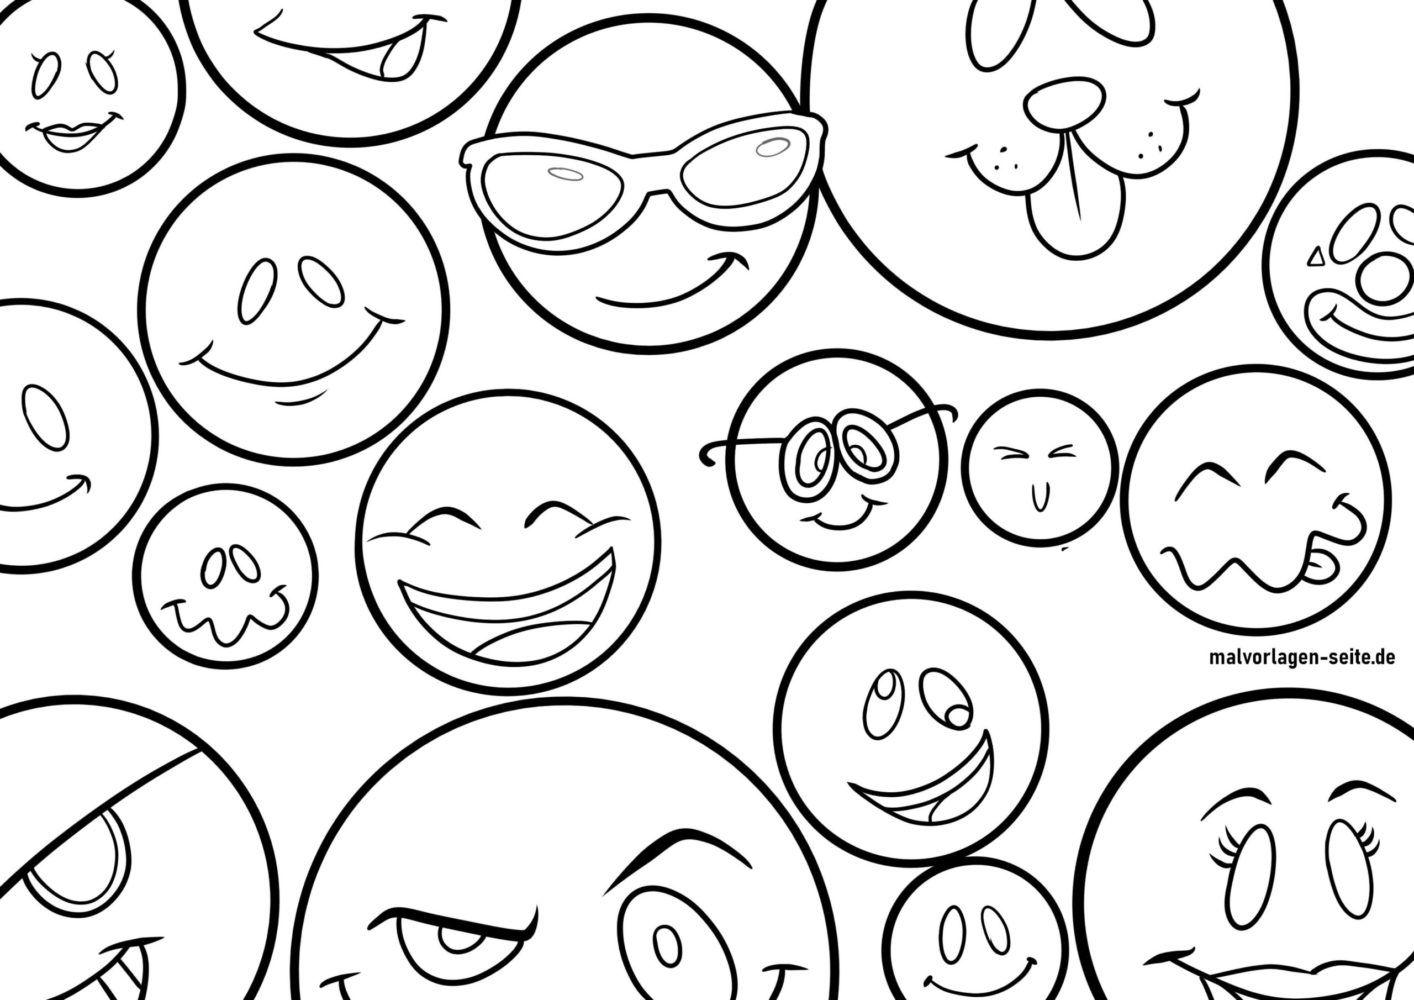 Color in emojis